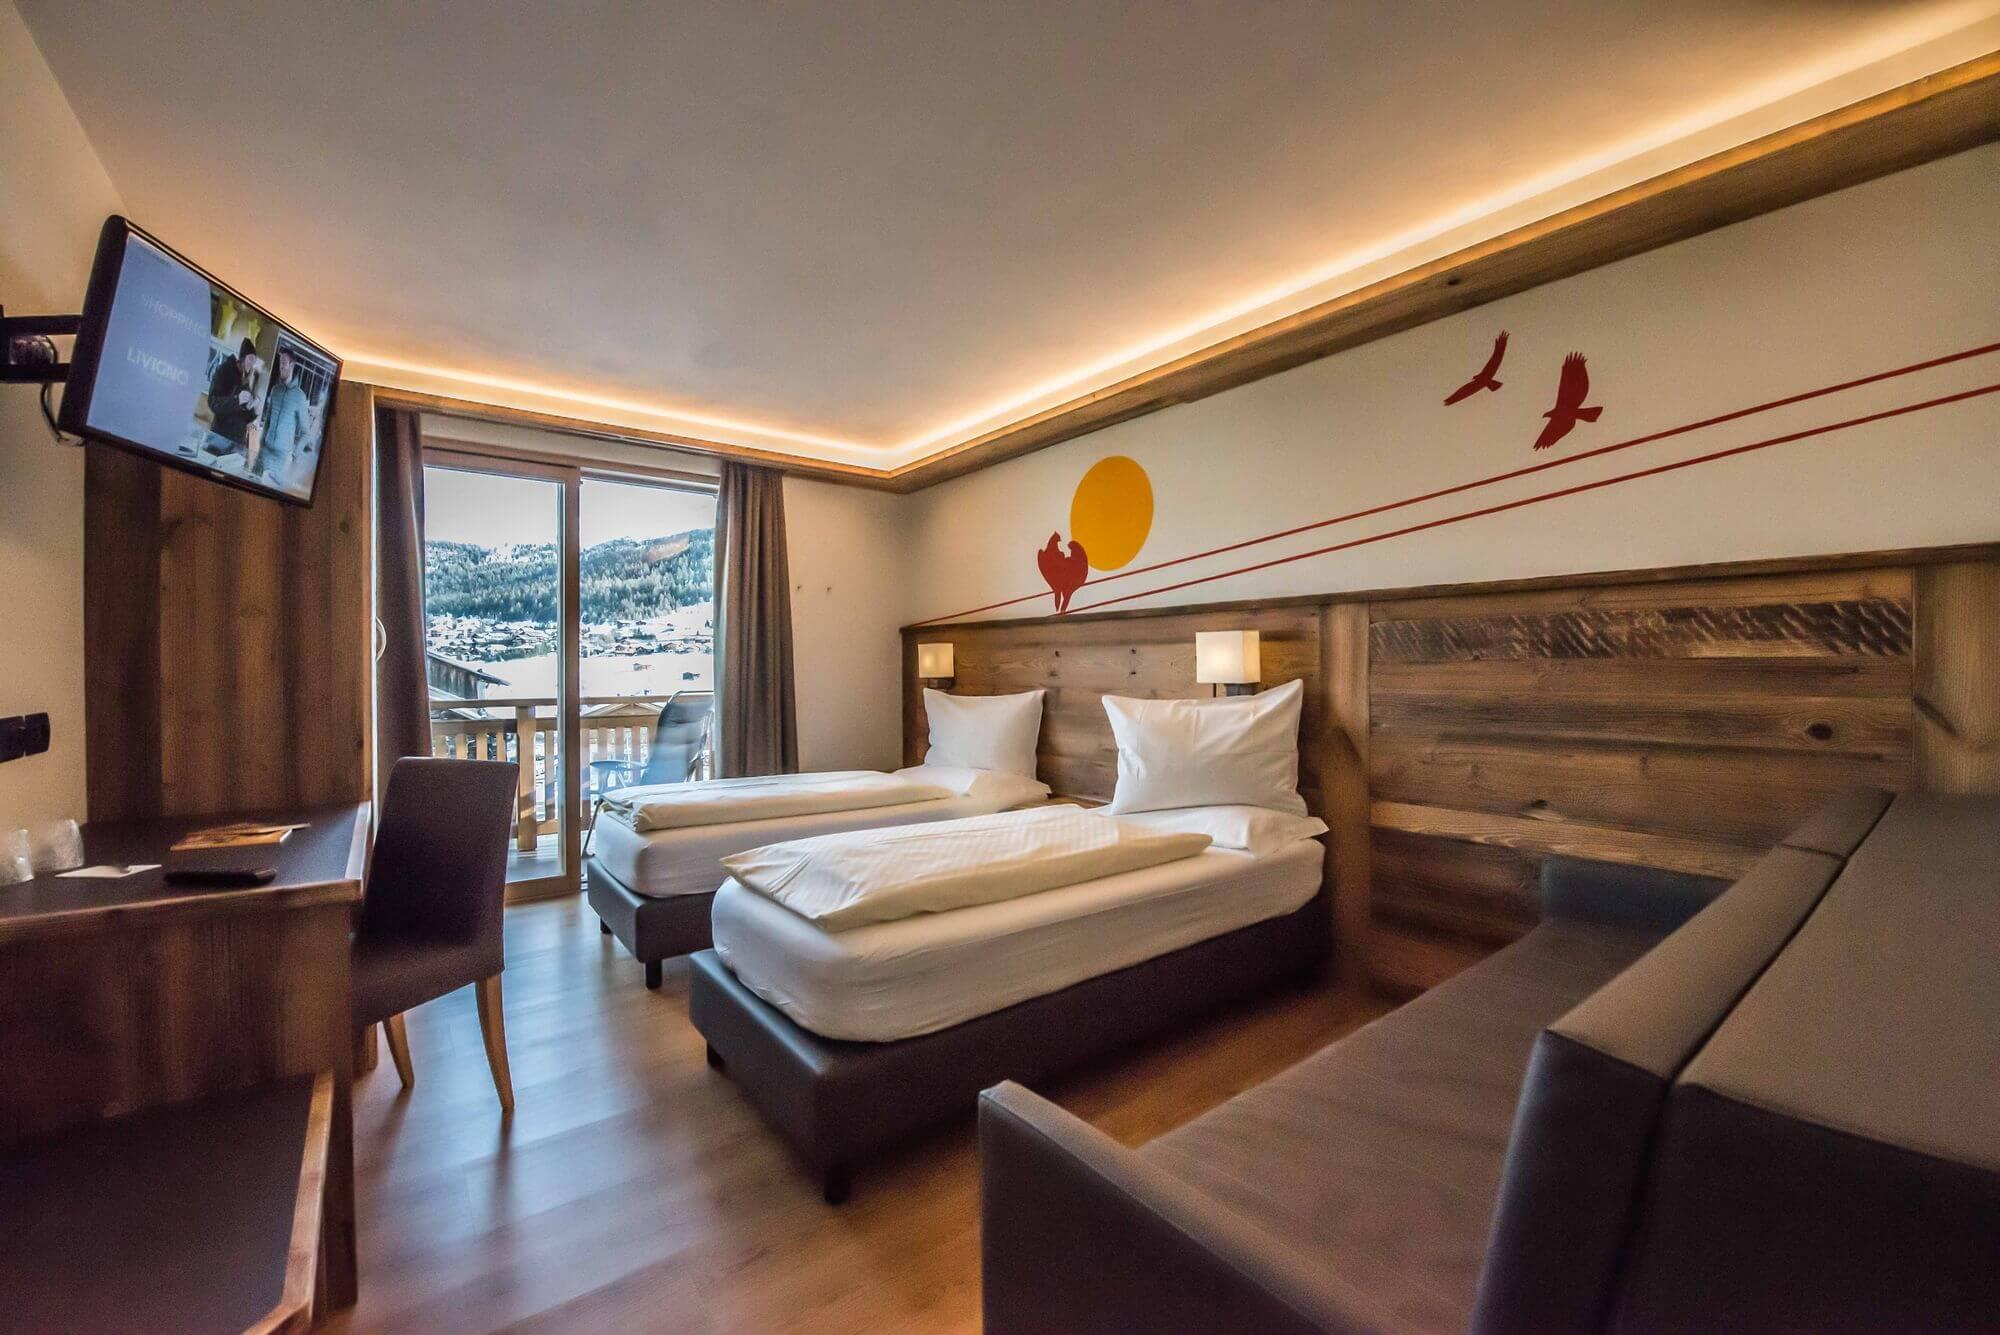 Camera Comfort con arredamento in legno: Hotel Le Alpi a Livigno